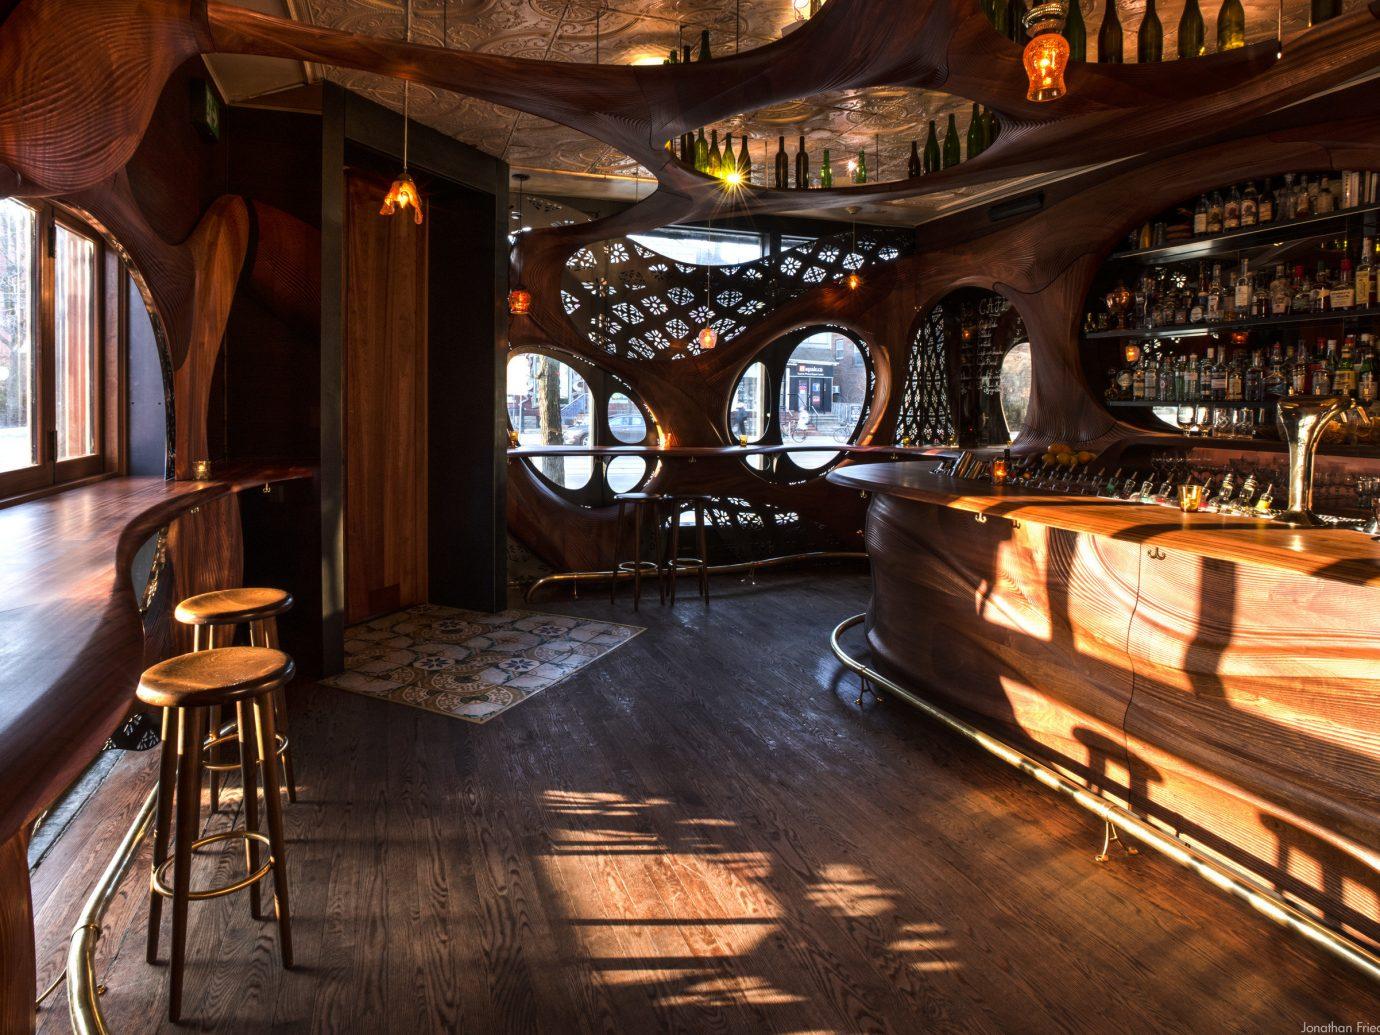 Trip Ideas indoor floor building night estate Bar evening interior design restaurant